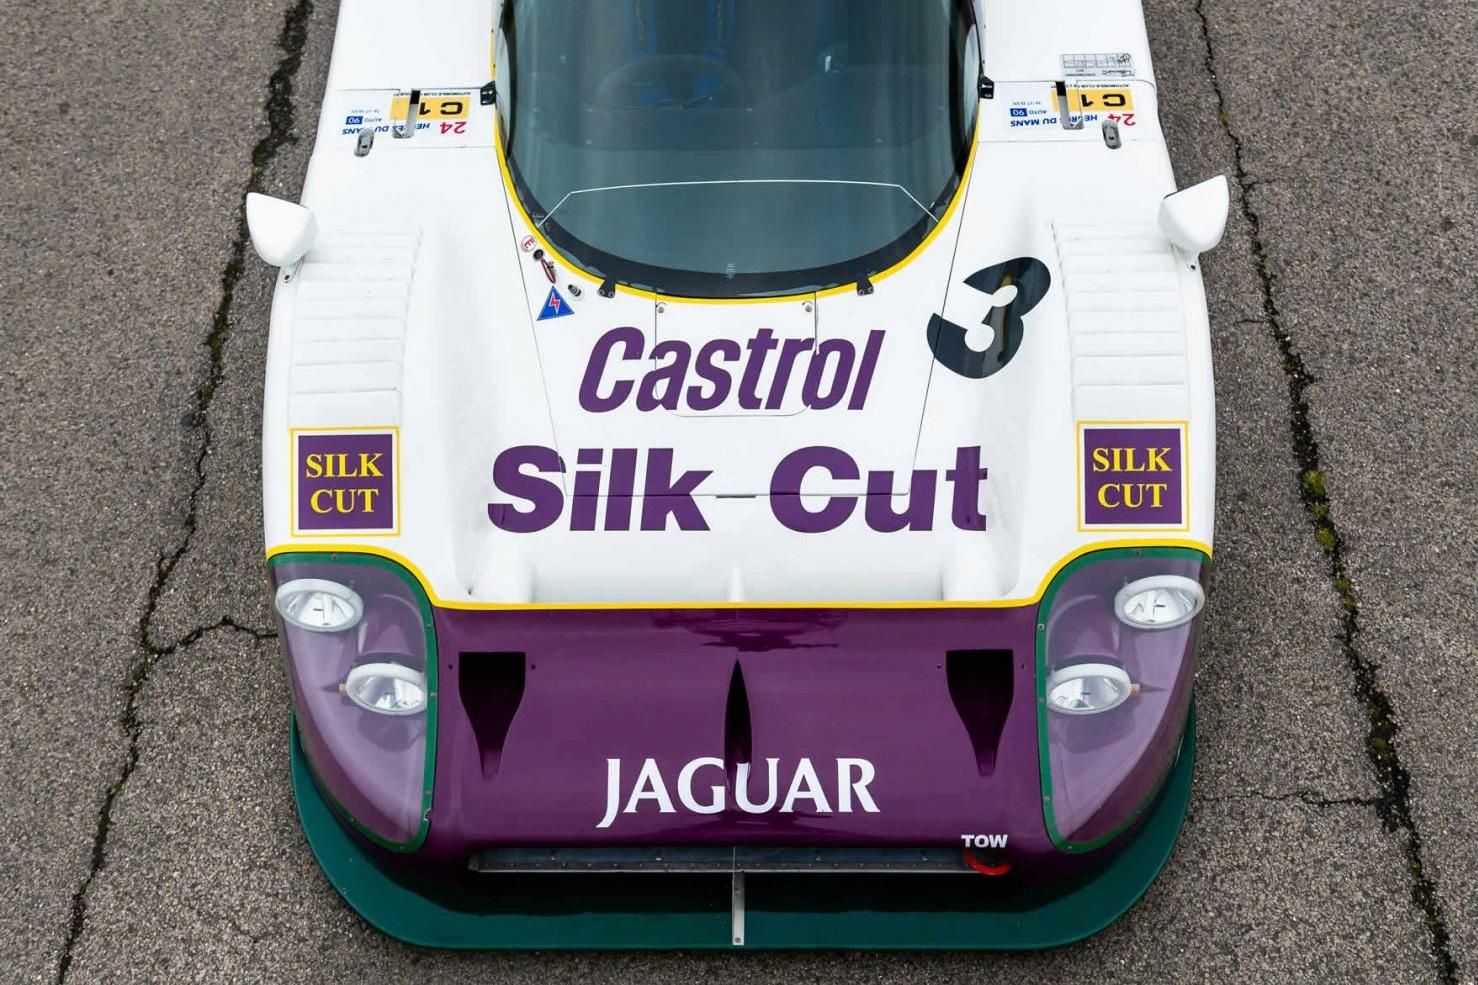 nt-sportspurpose-jaguar-xjr12-j12c190-1130.jpg